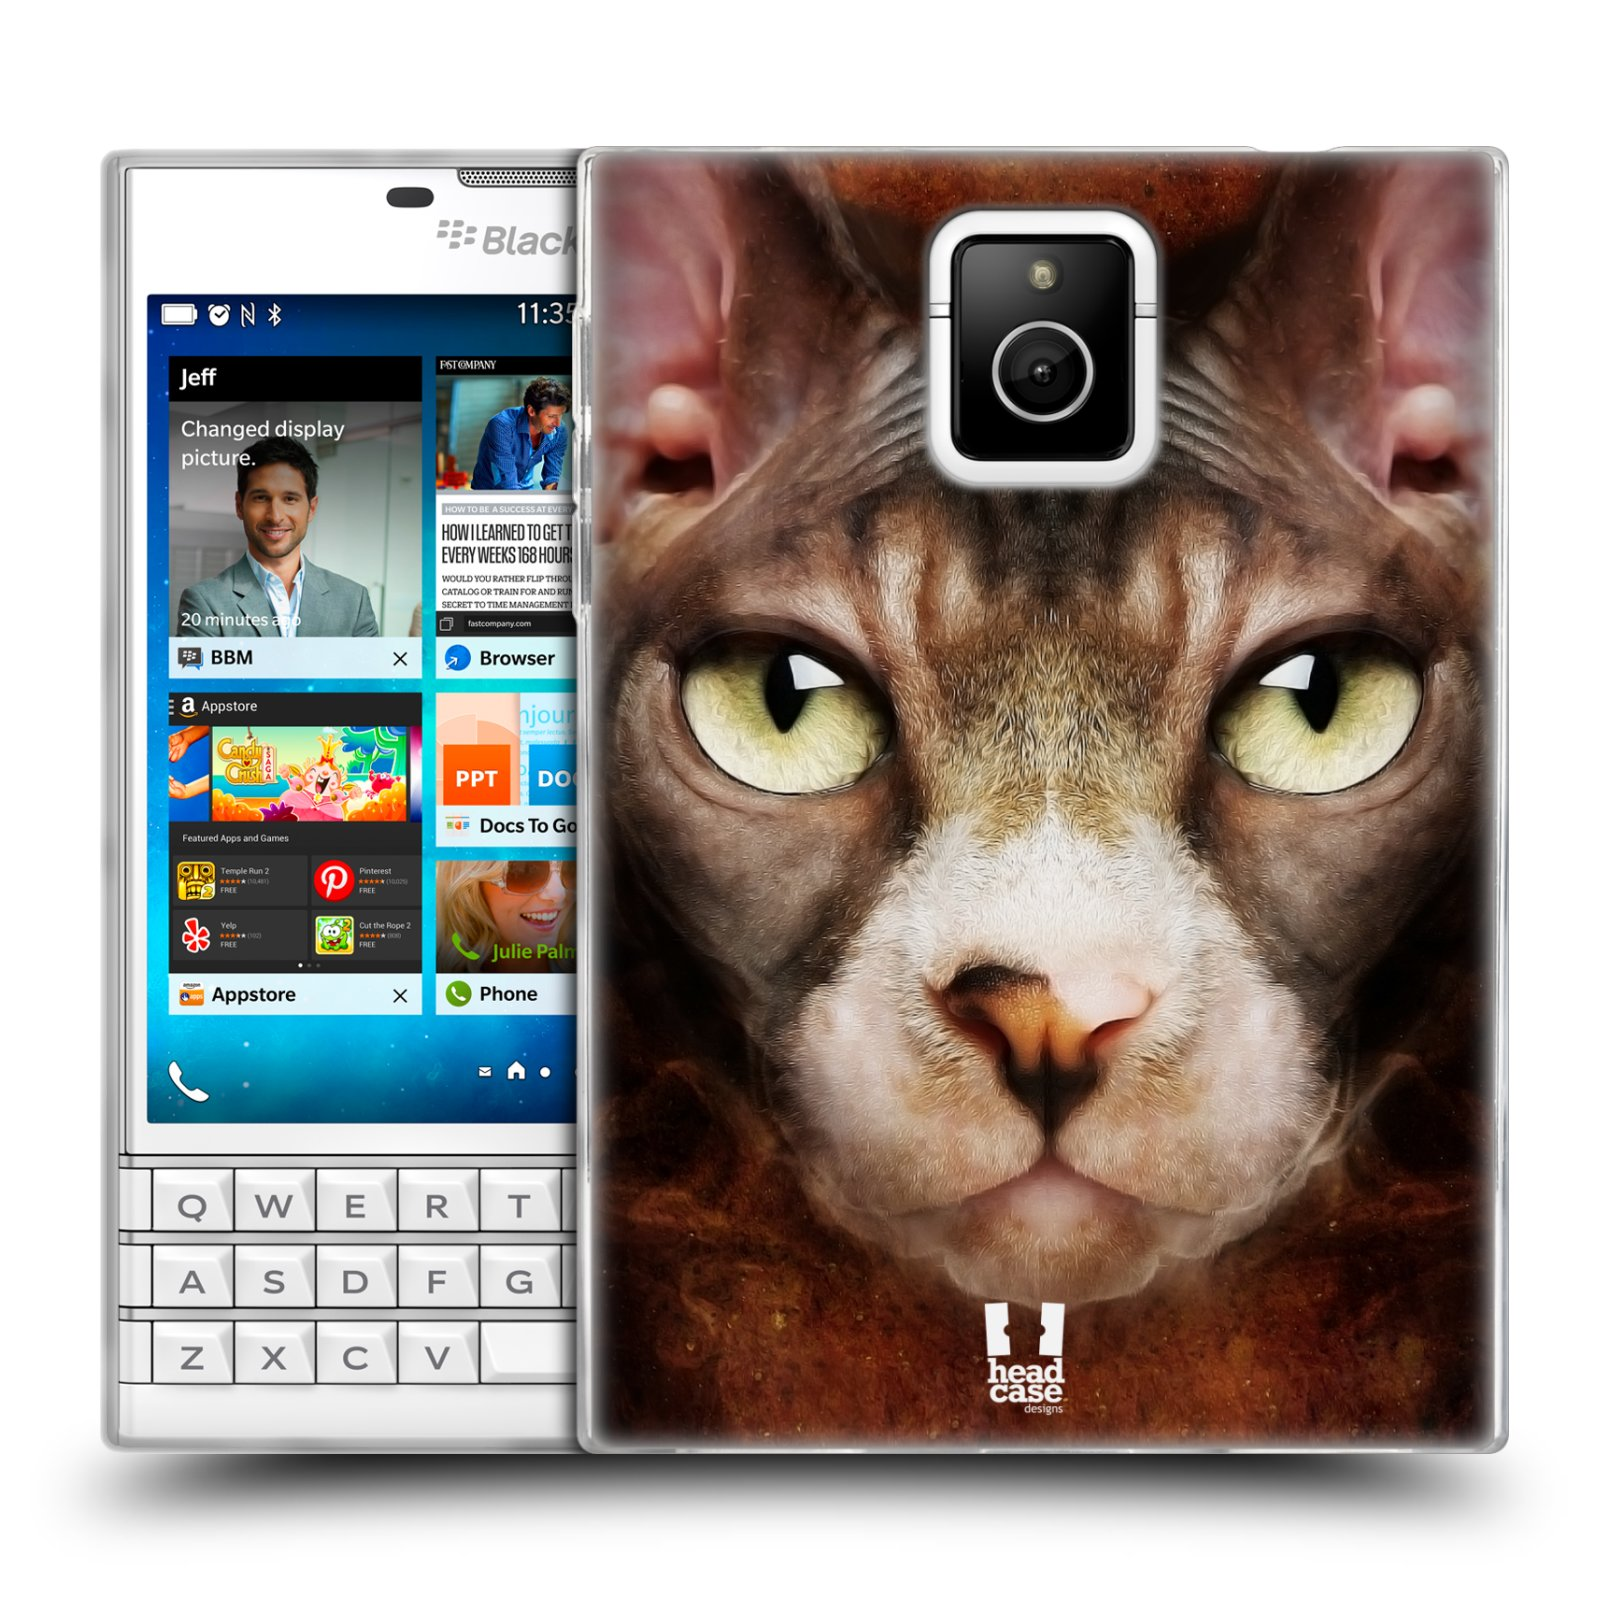 HEAD CASE silikonový obal na mobil Blackberry PASSPORT vzor Zvířecí tváře kočka sphynx